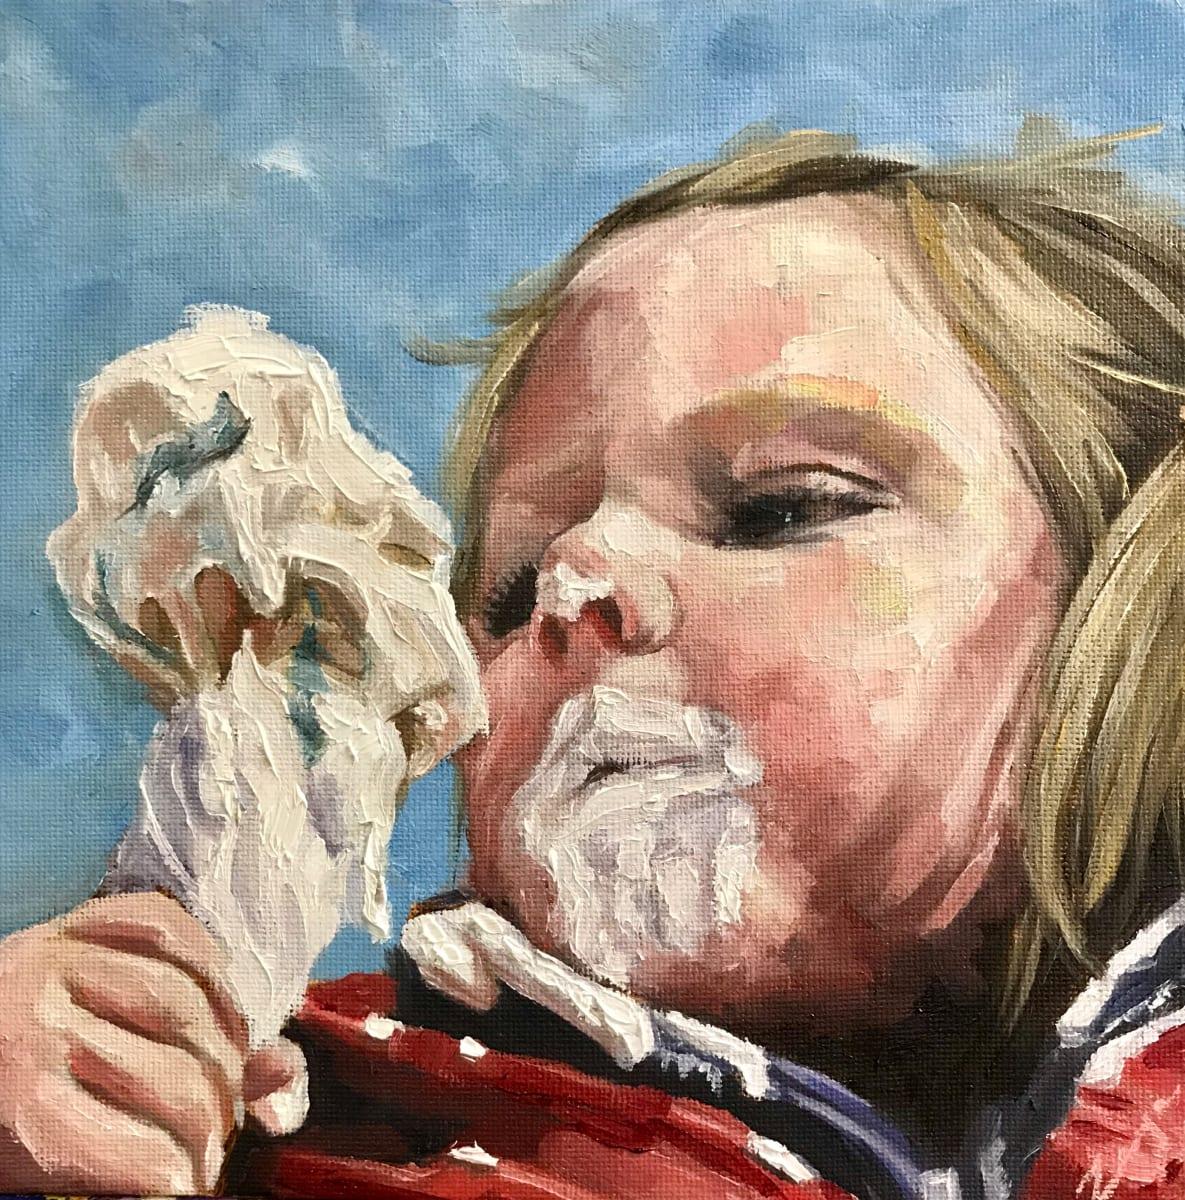 Icecream Goatee by Zanya Dahl